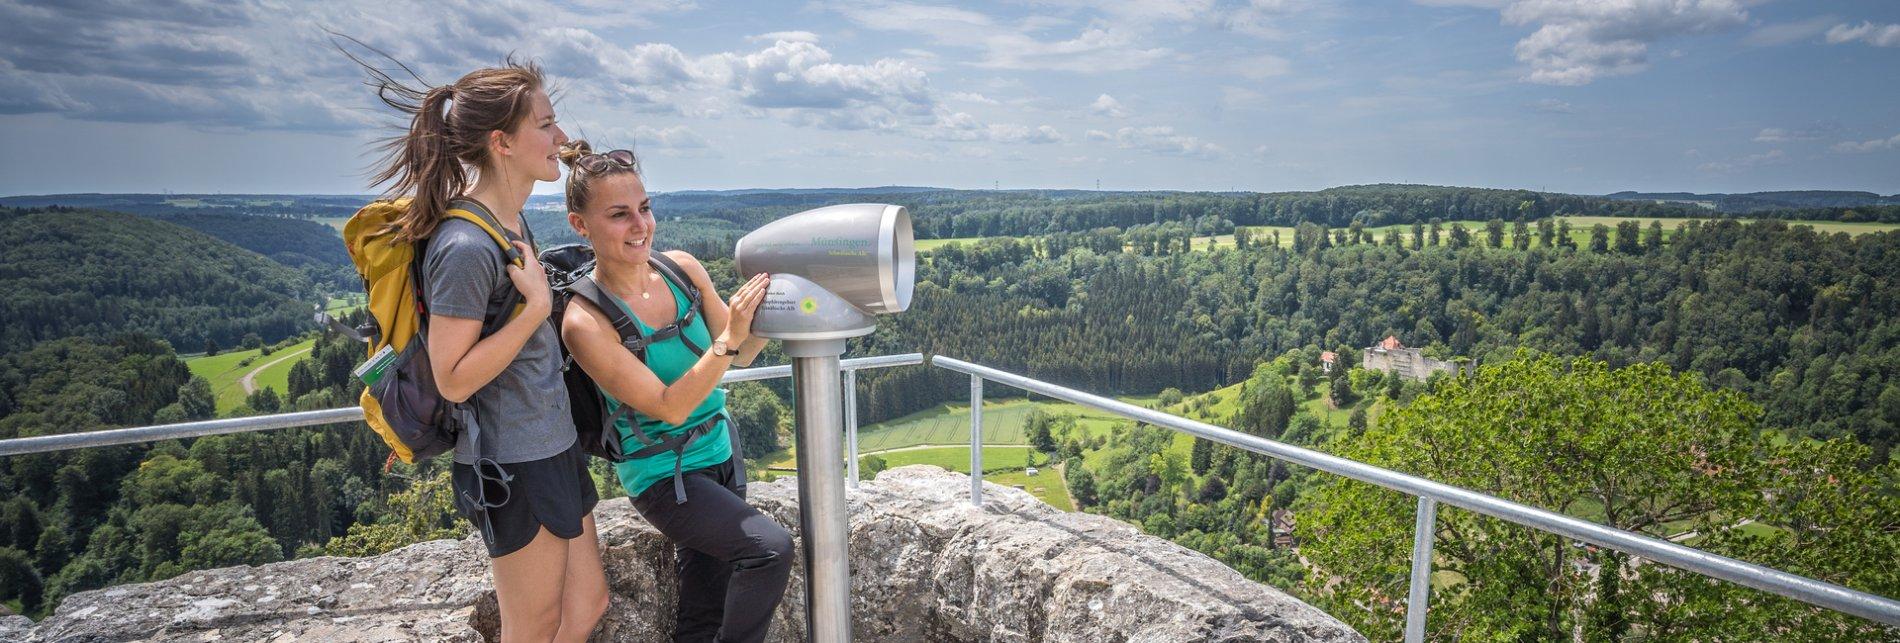 Zwei Wanderer*innen stehen auf einer Aussichtplattform an einem Viscope Erlebnisfernrohr und blicken lächelnd in die Ferne und ihre Haare wehen im Wind. Hinter ihnen ist der Ausblick über die Albhochfläche und im Tal ist eine Burg.